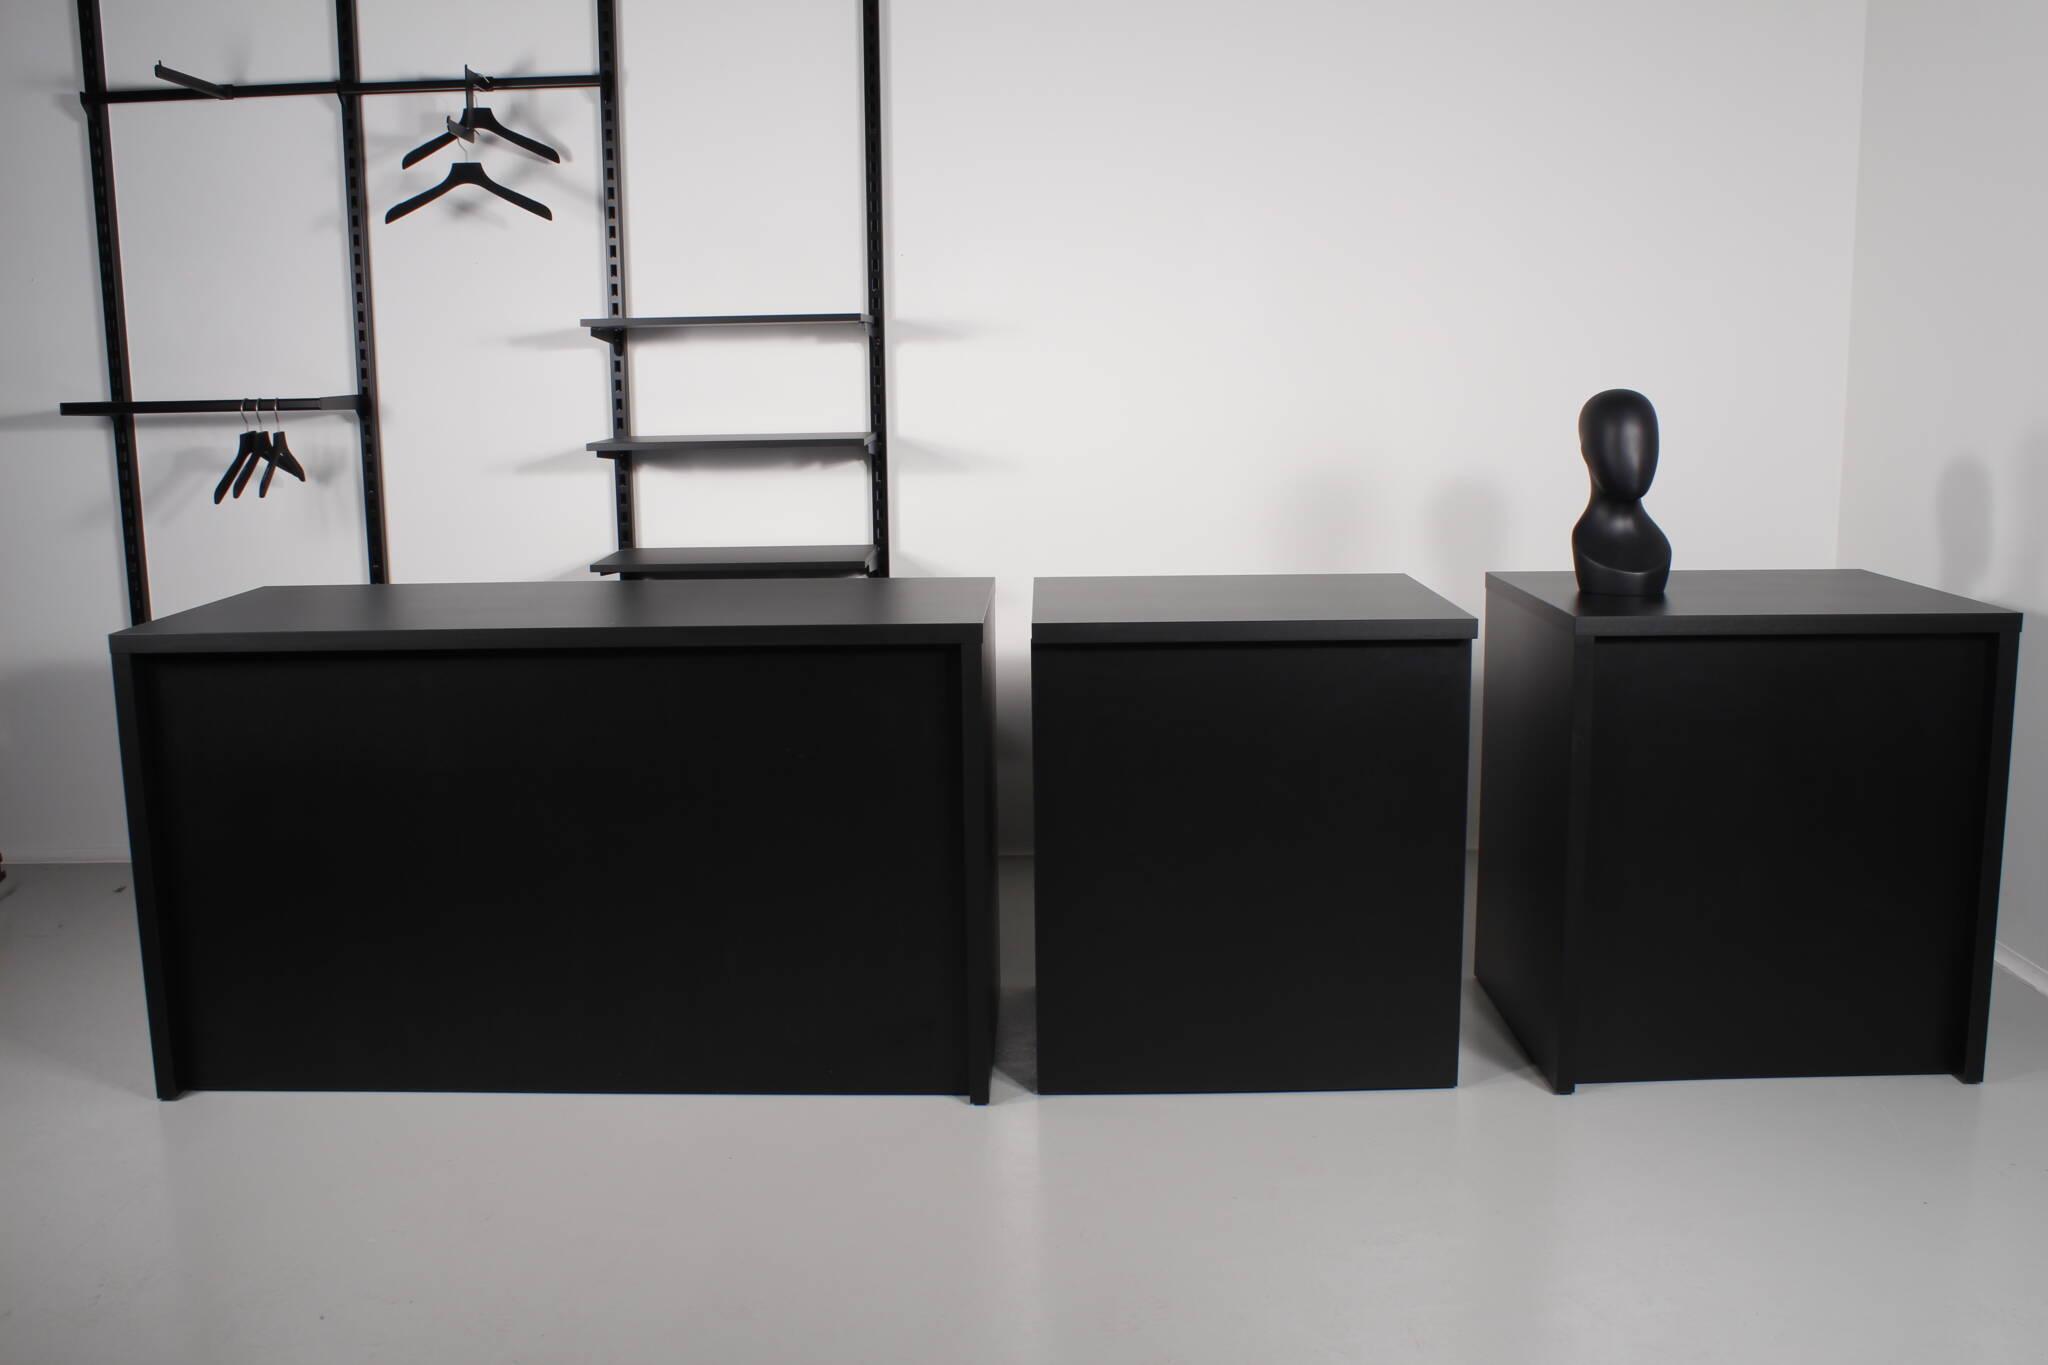 Store diske sammensættes af moduler. Leveres i hvid og sort overflade.